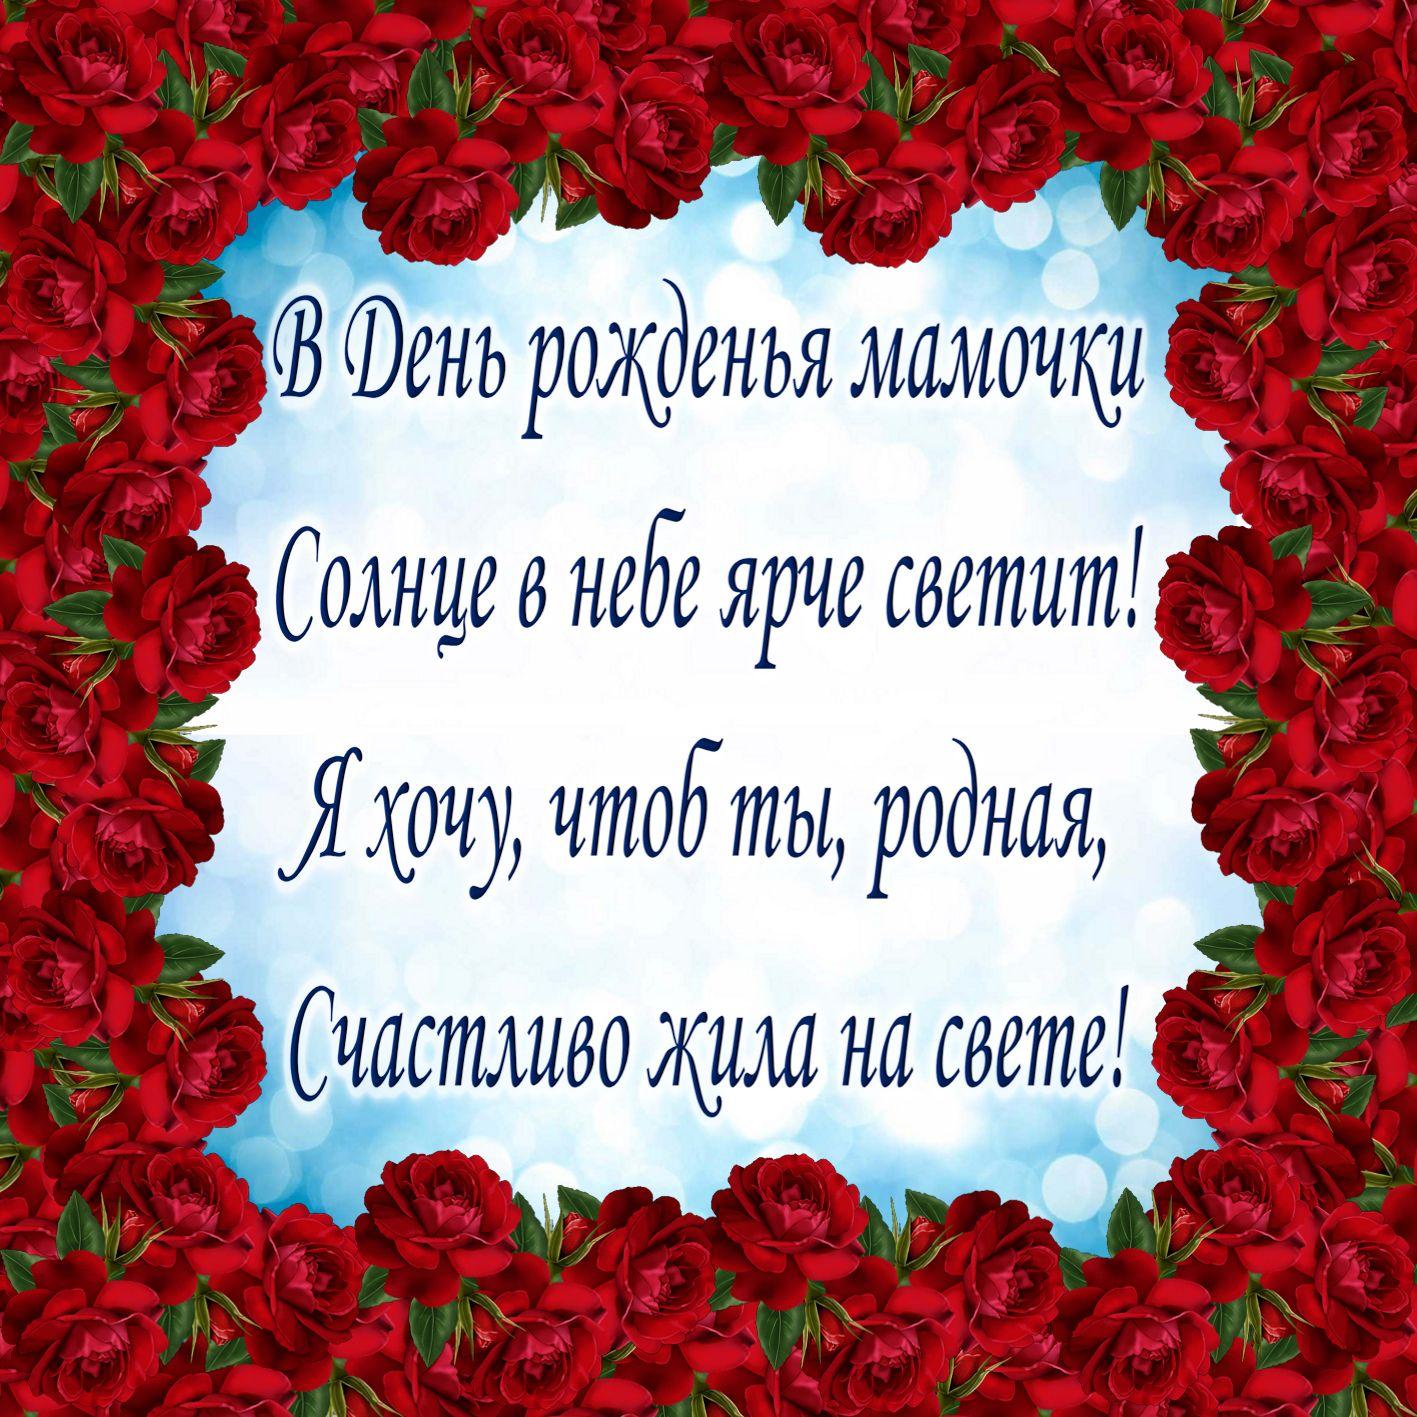 Открытка с Днём рождения маме - пожелание в красивой рамке из роз